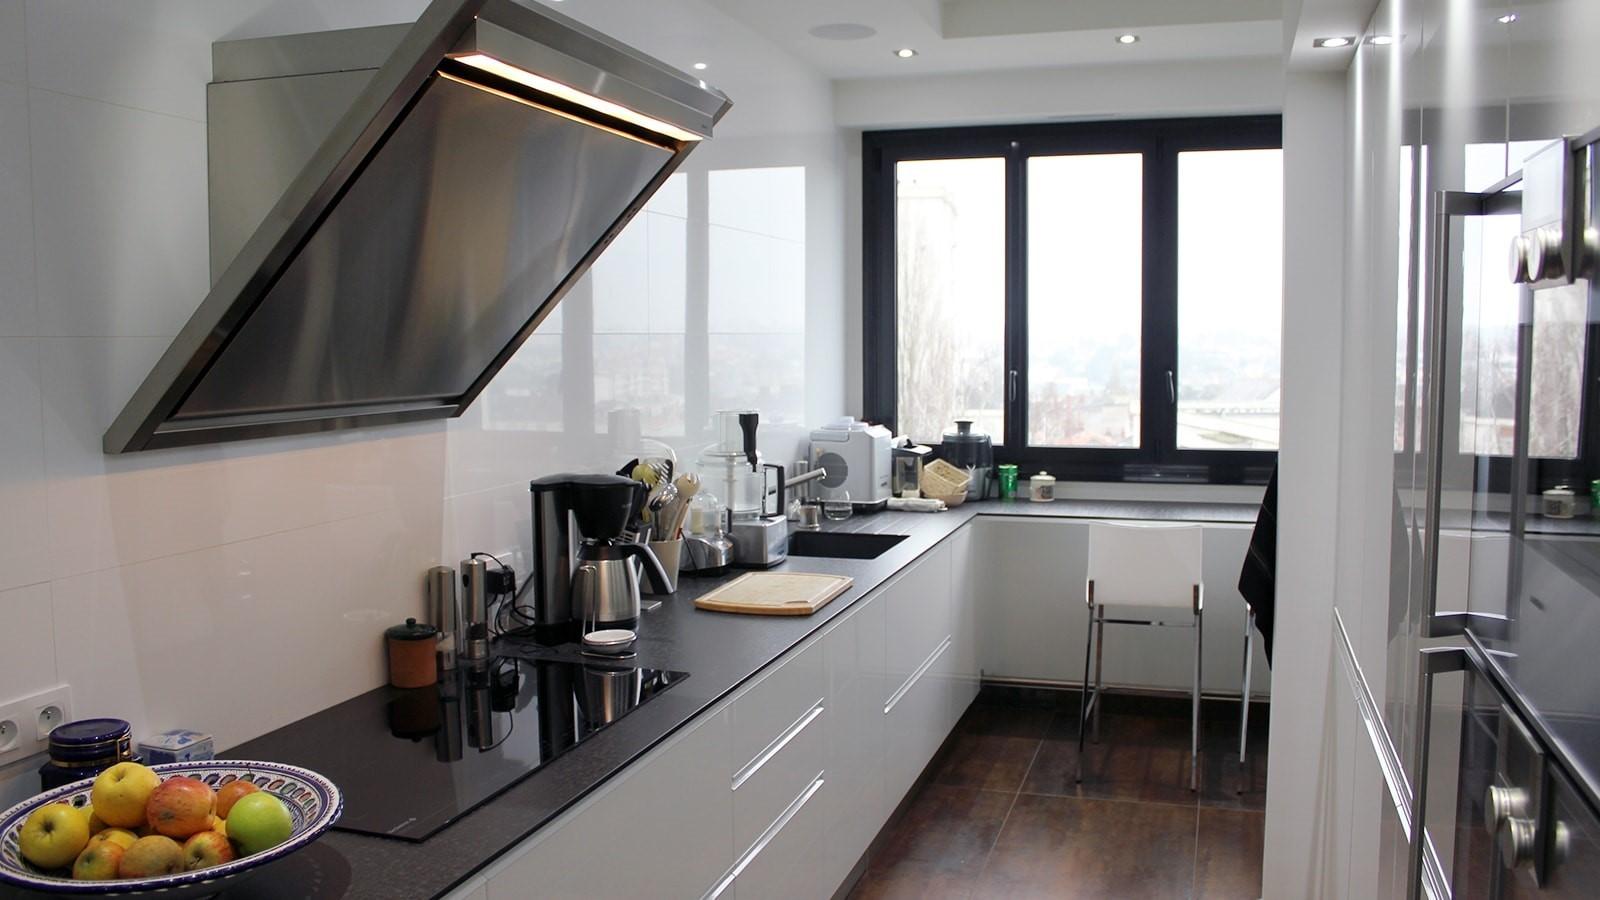 Chambre Et Cuisine Cholet Efi Design (4)